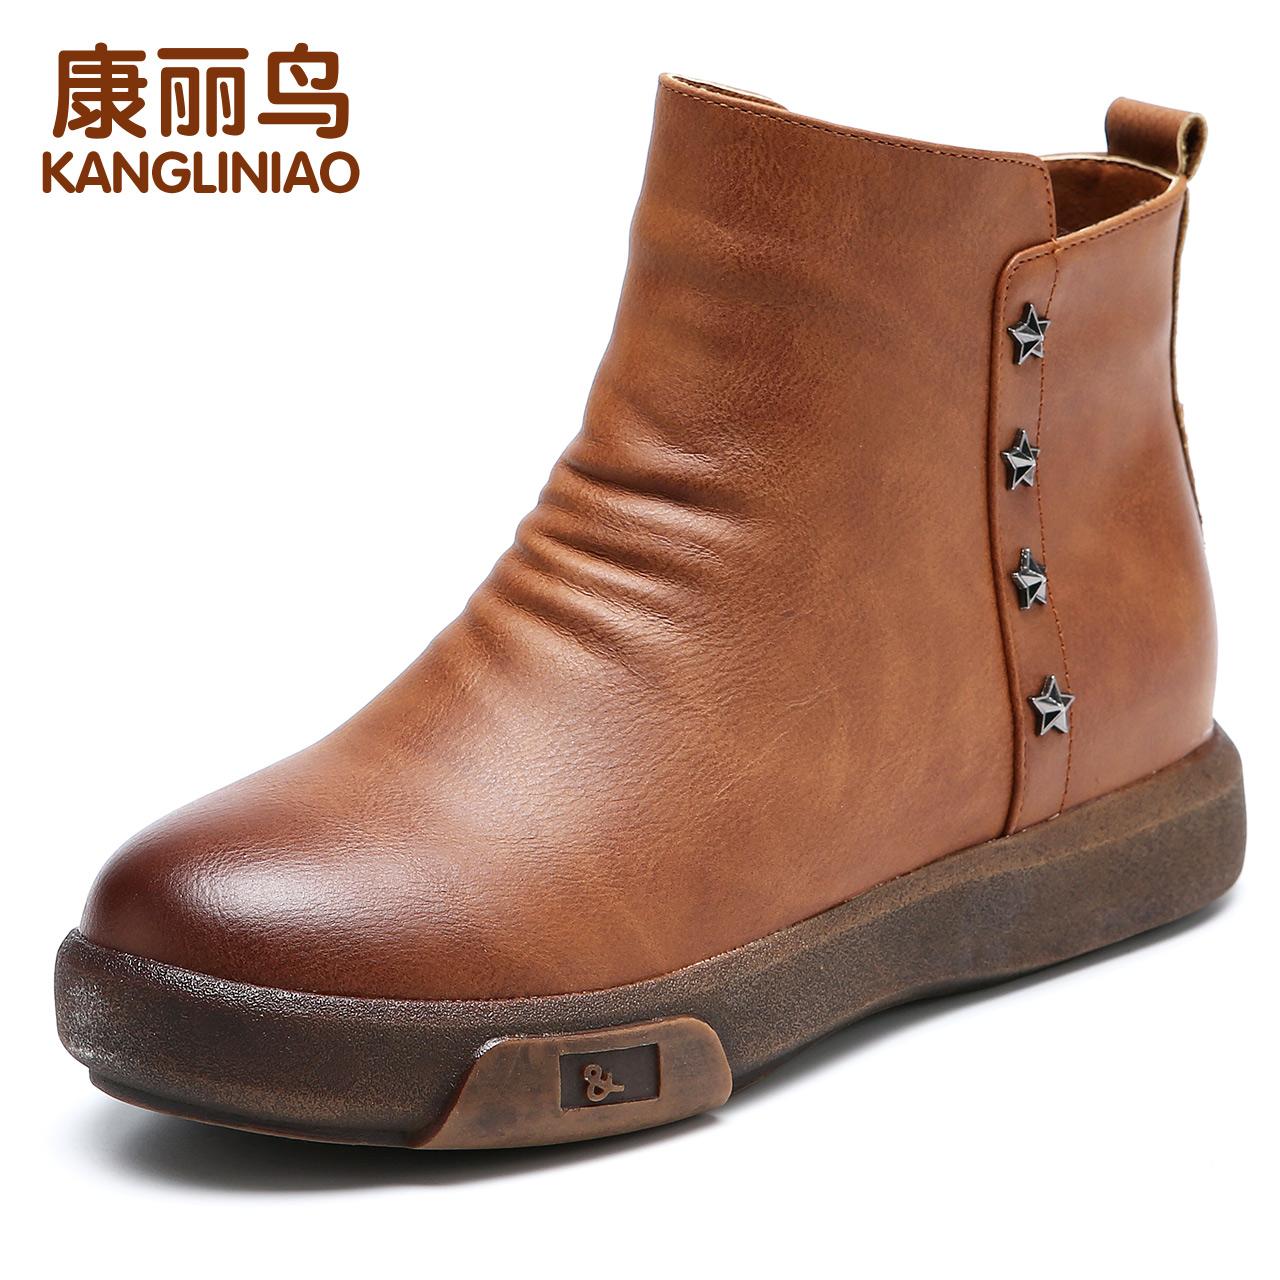 马丁靴女鞋冬季短靴子加绒保暖平底雪地靴防滑孕妇中老年妈妈棉鞋